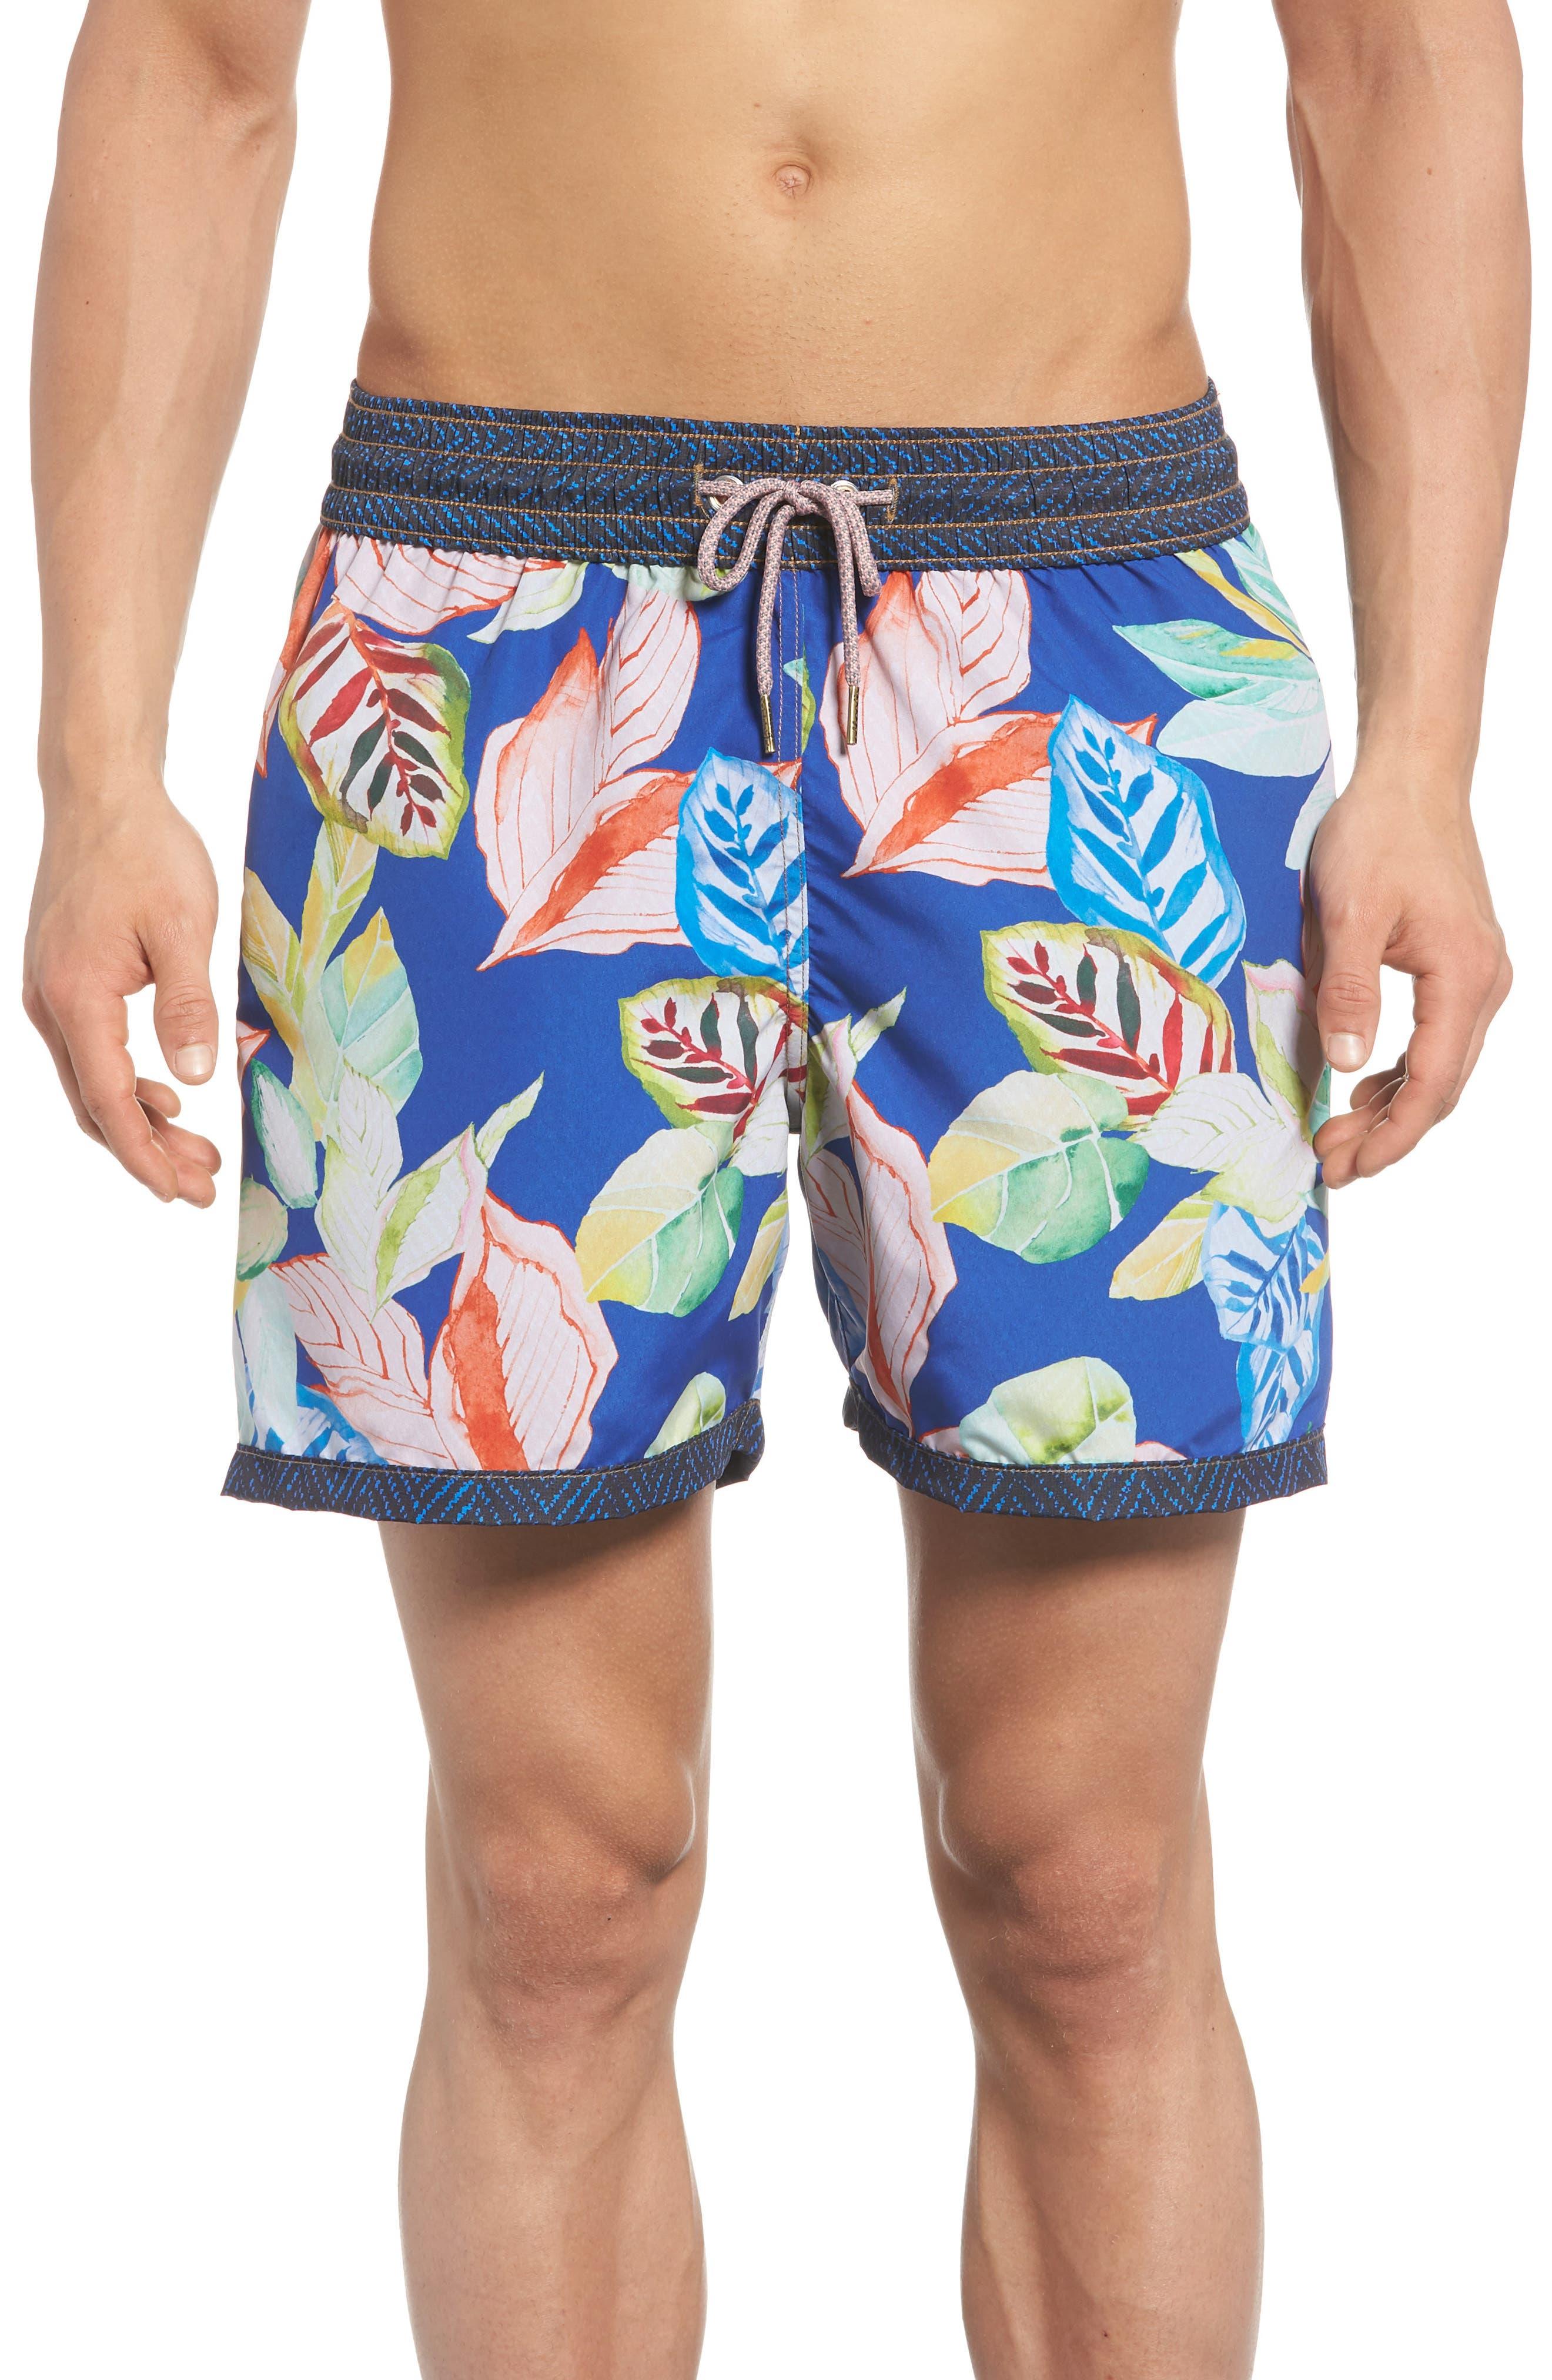 Bells Beach Swim Trunks,                             Alternate thumbnail 4, color,                             Blue